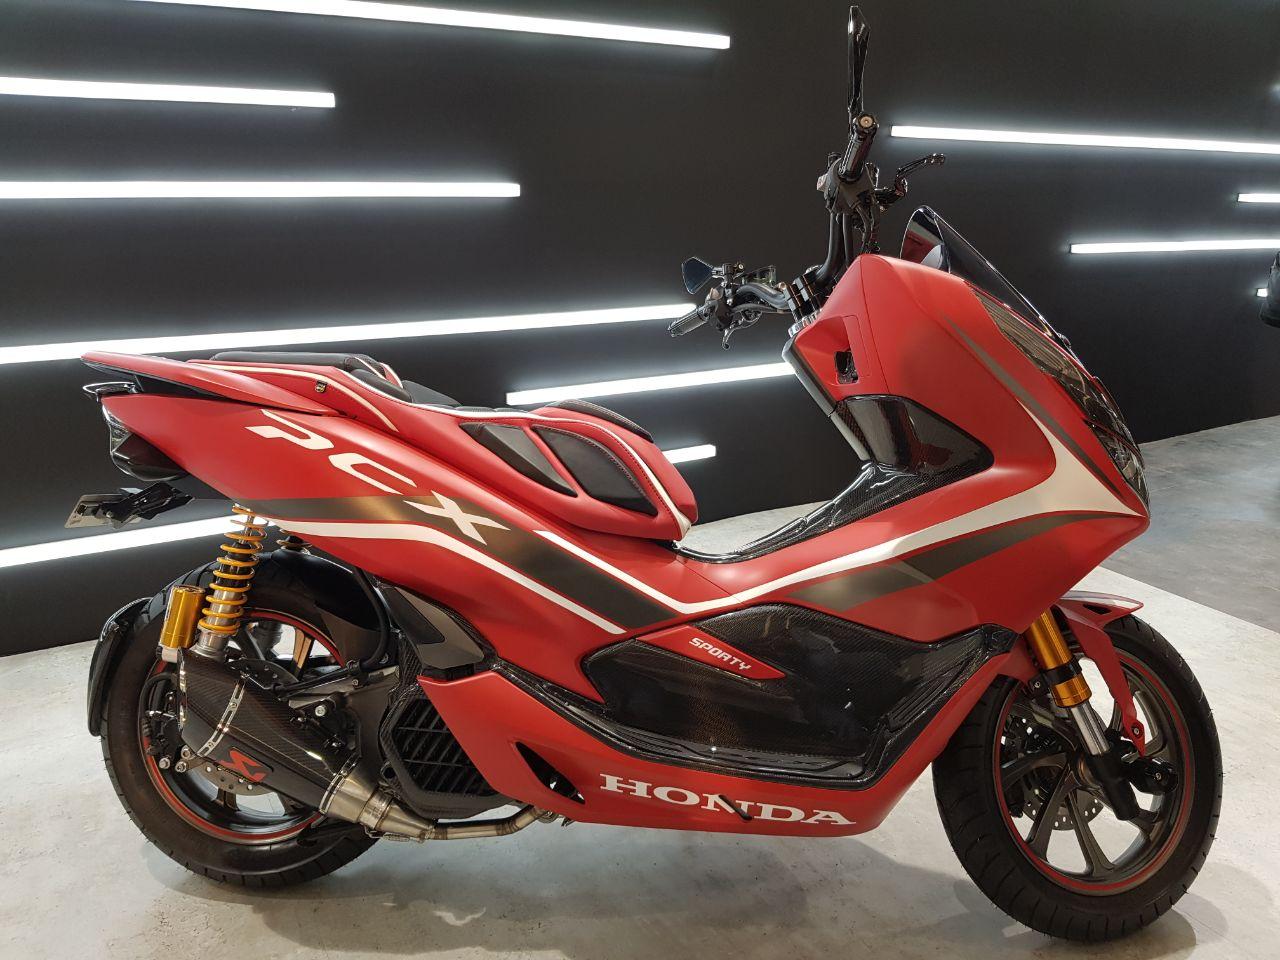 Ragam Modifikasi Honda PCX 150 Indonesia tahun 2018 (2)